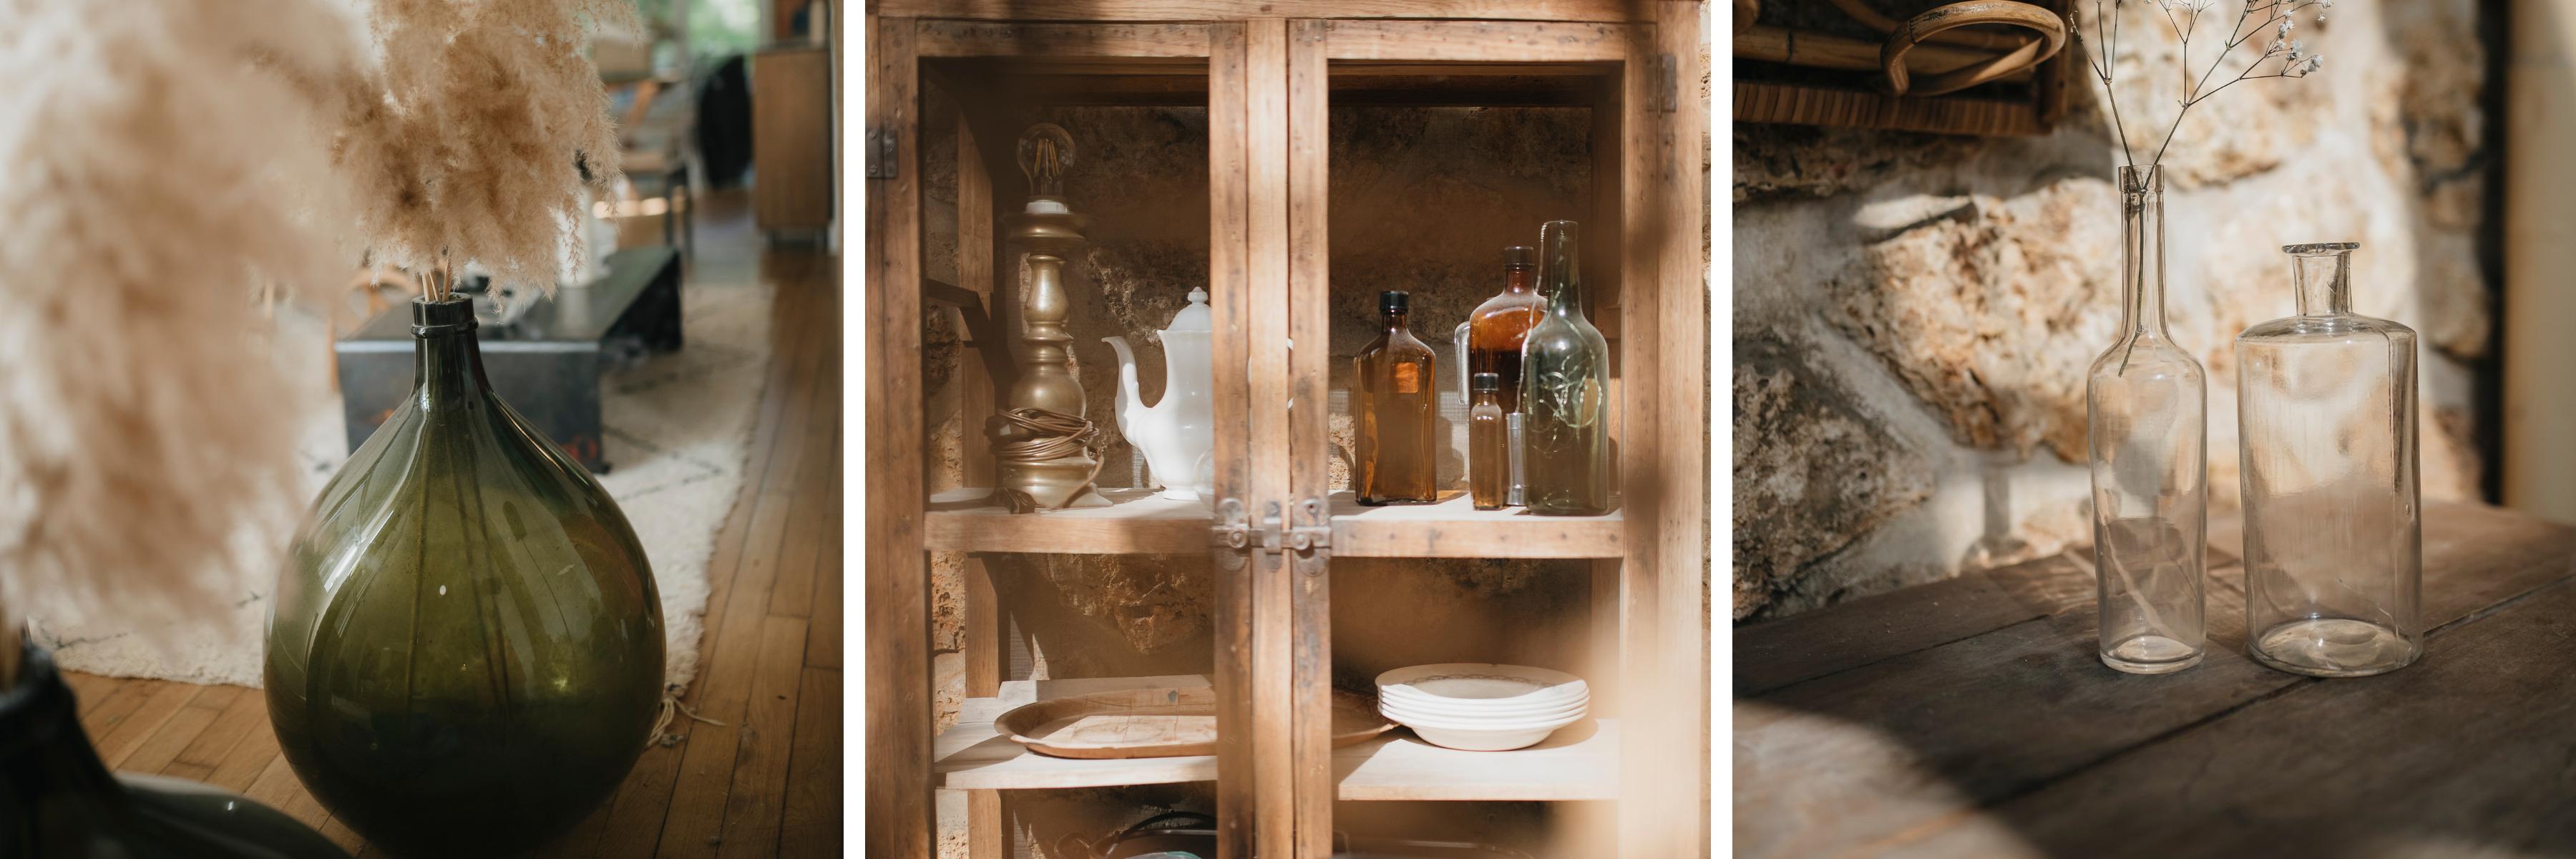 Maison Circonflexe brocante en ligne Versailles ©AnnaClick